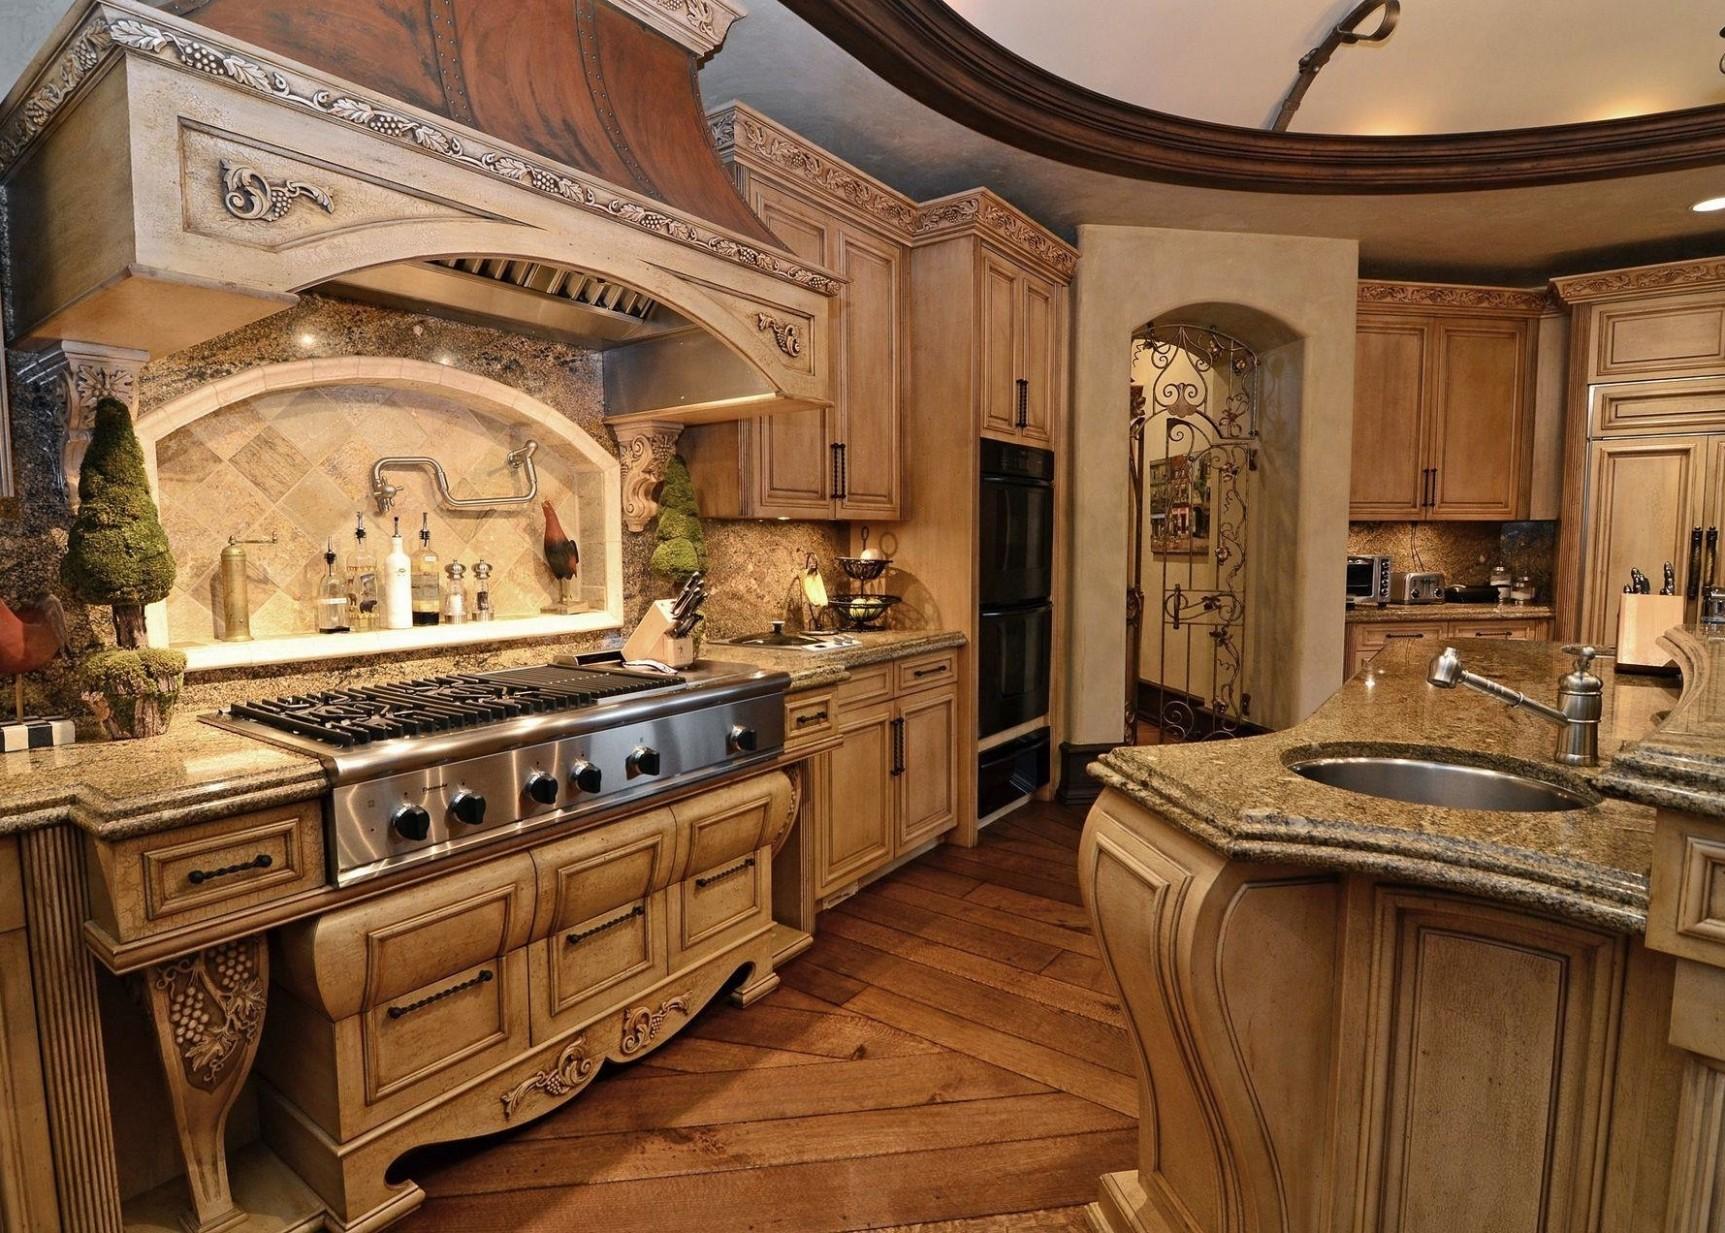 Old World Kitchen Cabinets Best Gallery Farmhouse Painted Cabinet  - World Kitchen Cabinets